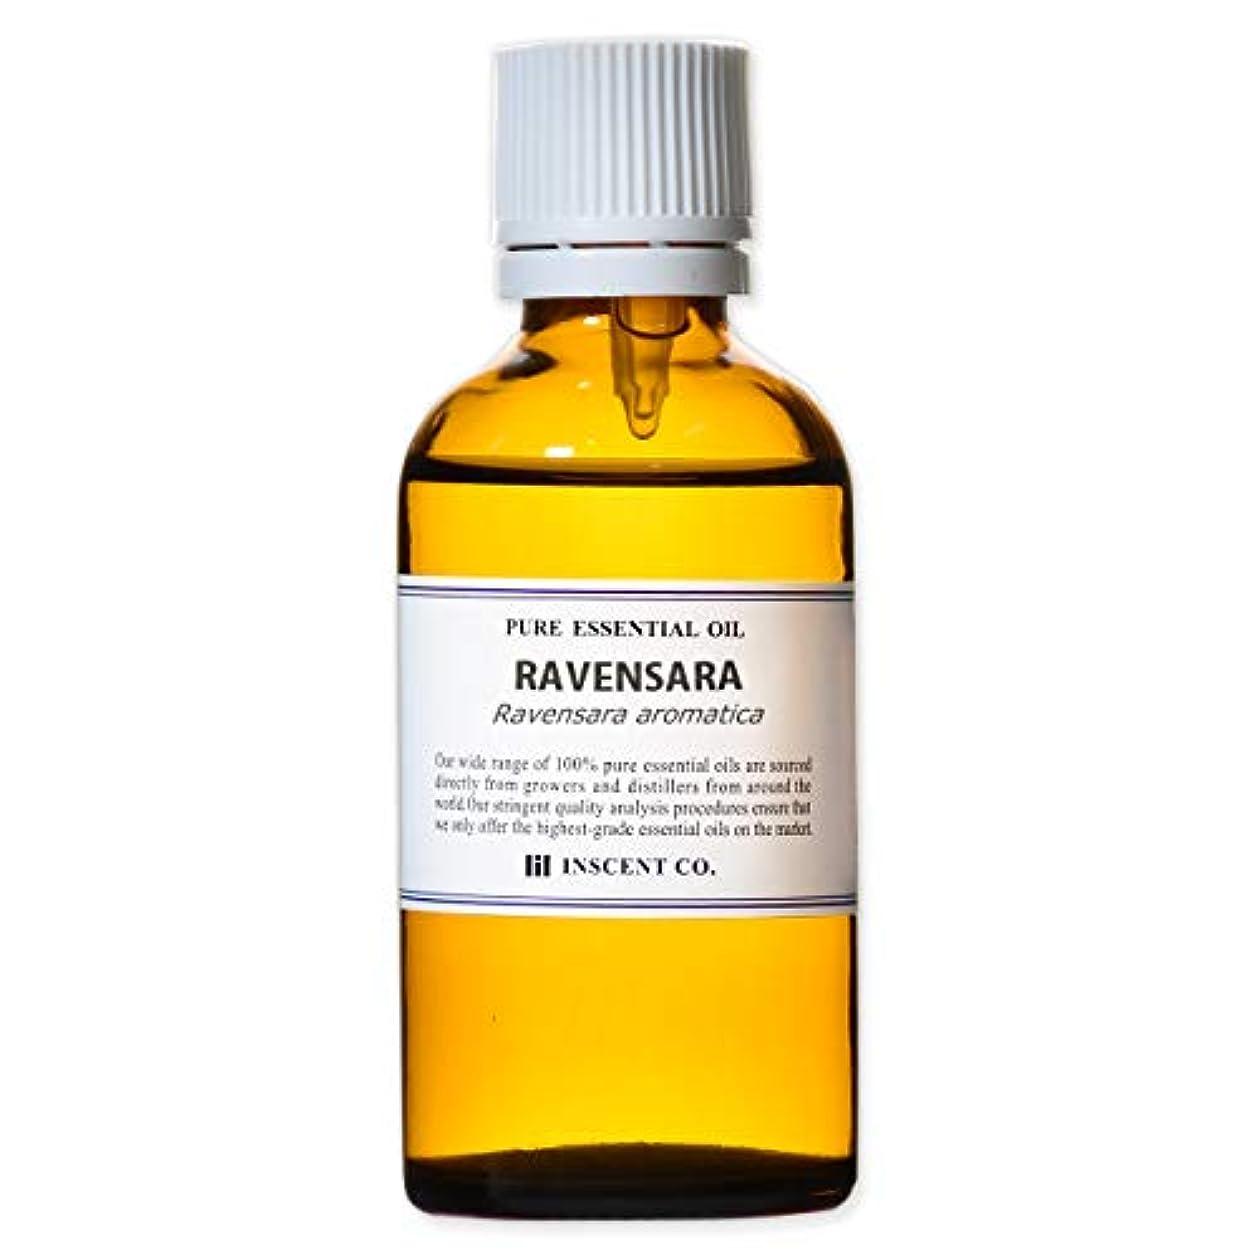 高原レイアテニスラベンサラ 50ml インセント アロマオイル AEAJ 表示基準適合認定精油